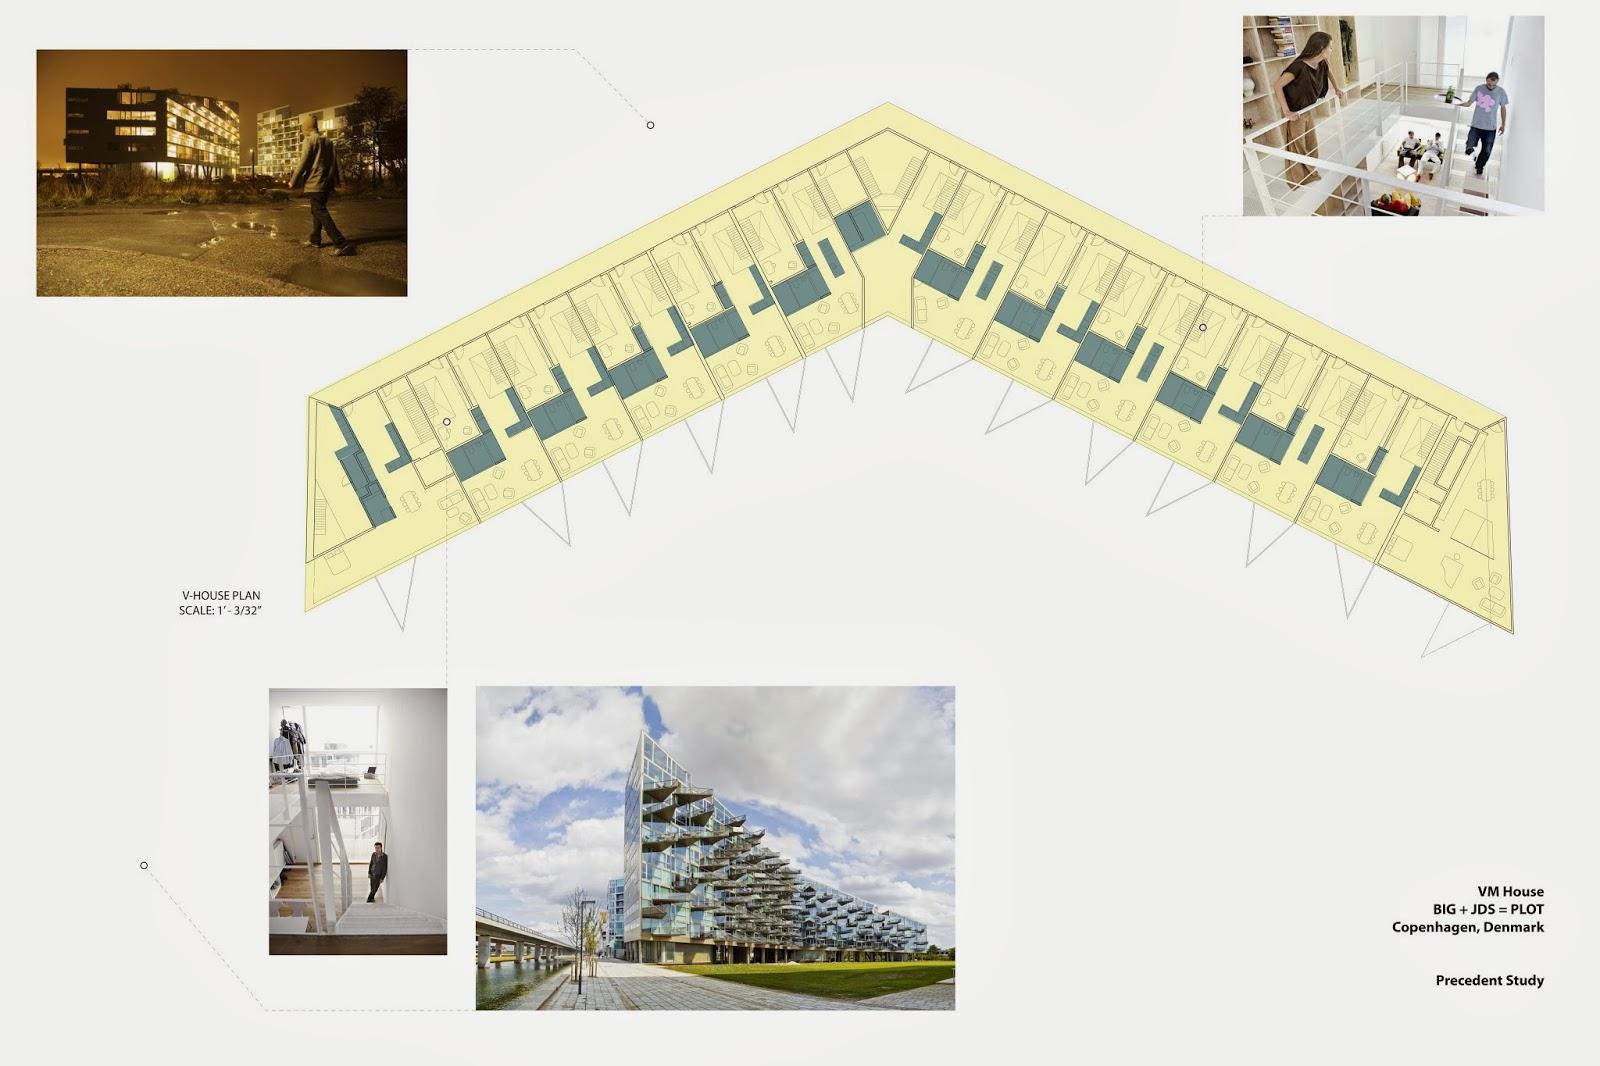 comprehensive design 301 student housing vm houses big jds analysis by jill. Black Bedroom Furniture Sets. Home Design Ideas